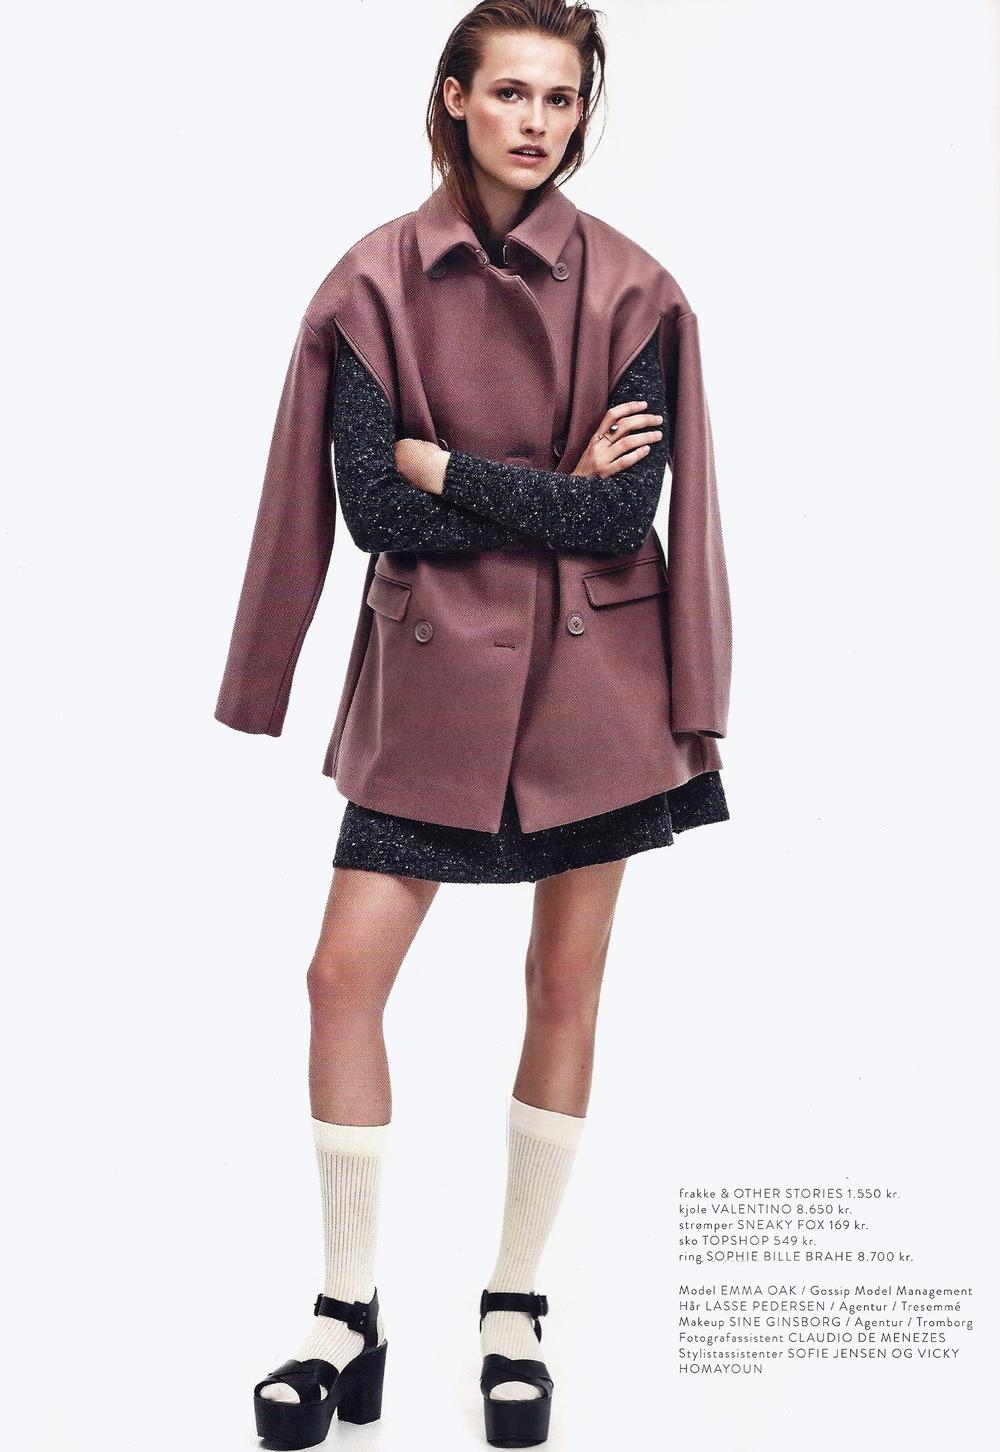 Gossip Emma October Models — 2014 In Oak Costume qnYPwxYS6O